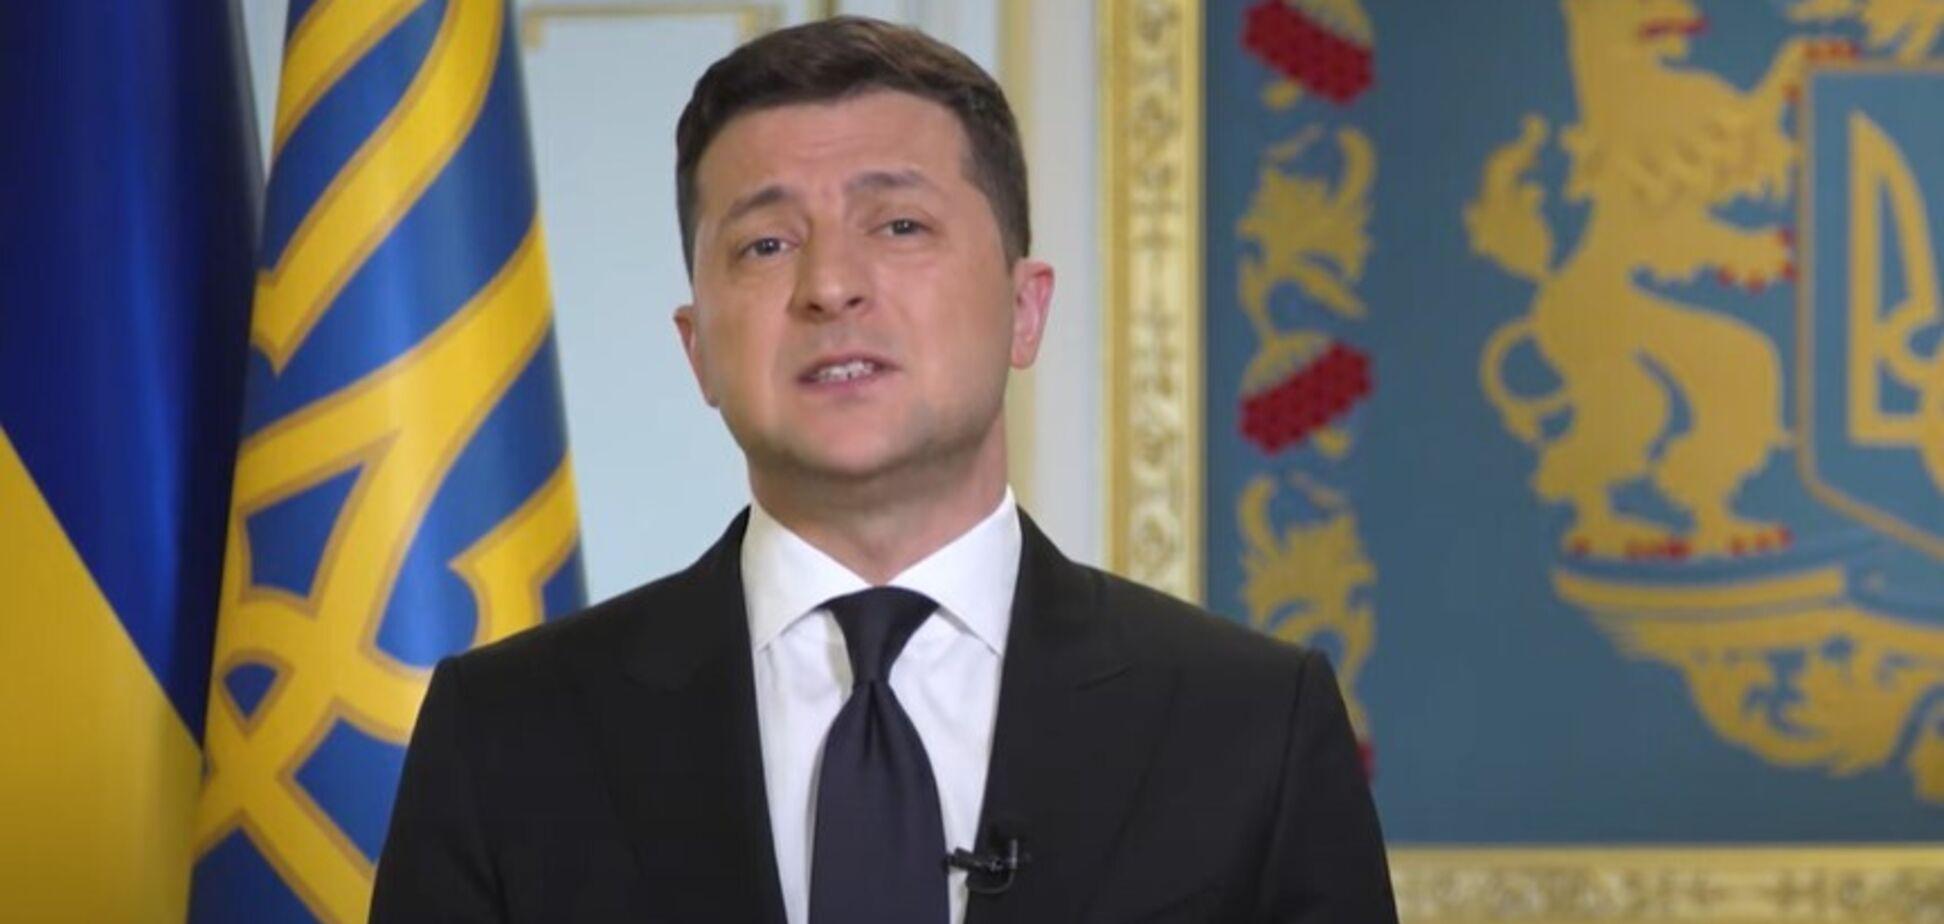 Зеленський вшанував пам'ять жертв геноциду кримськотатарського народу